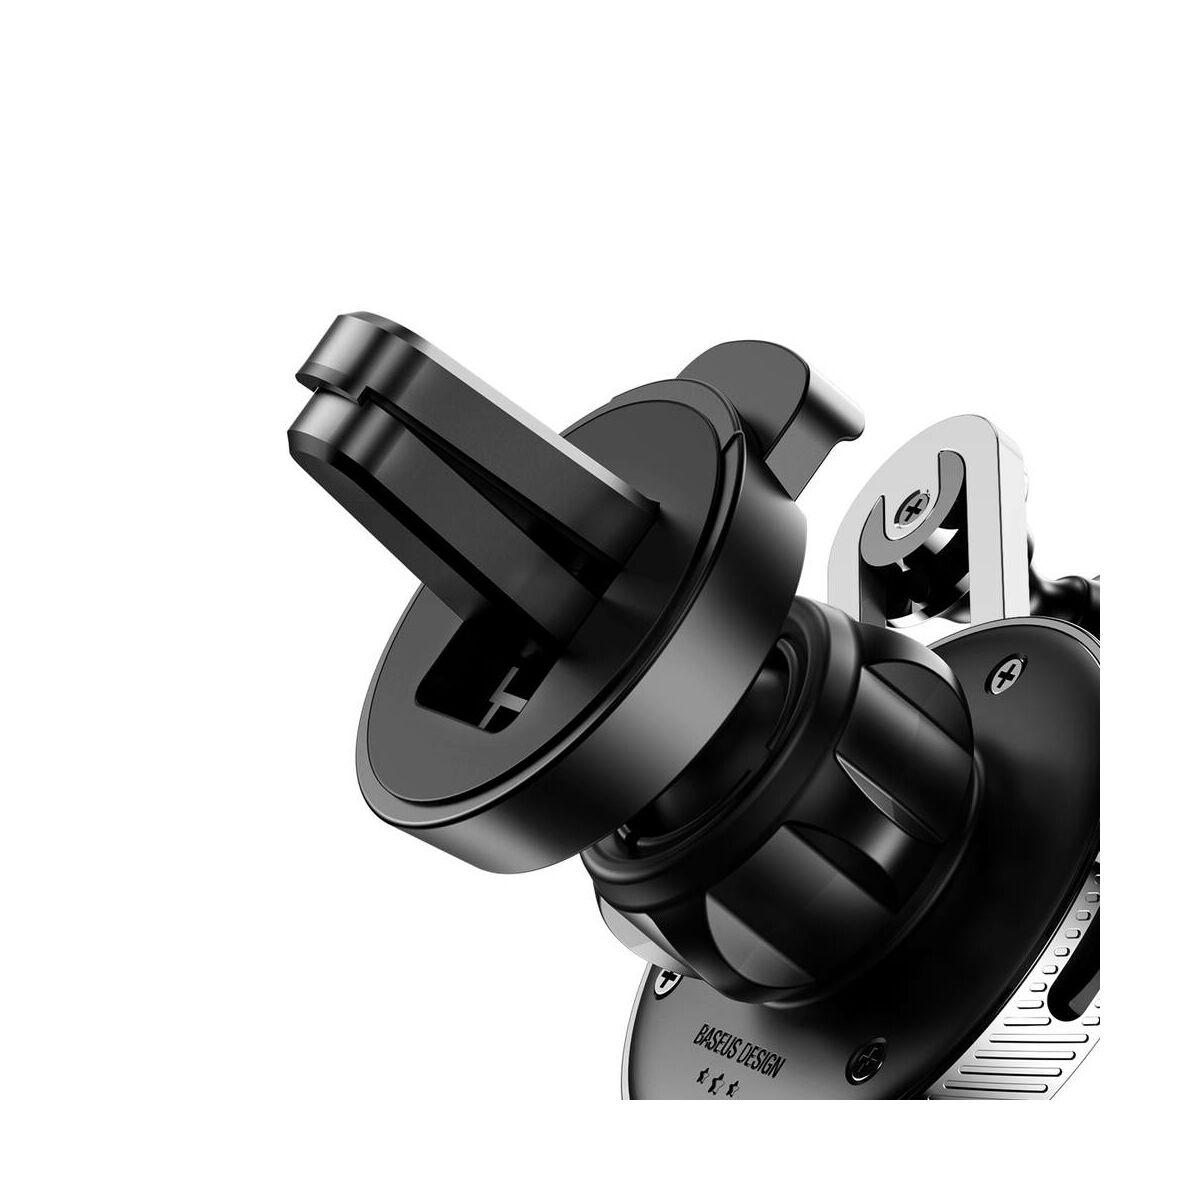 Baseus autós telefon tartó, YY alakú töltő kábellel (Type-C), ezüst (SUTYY-0S)